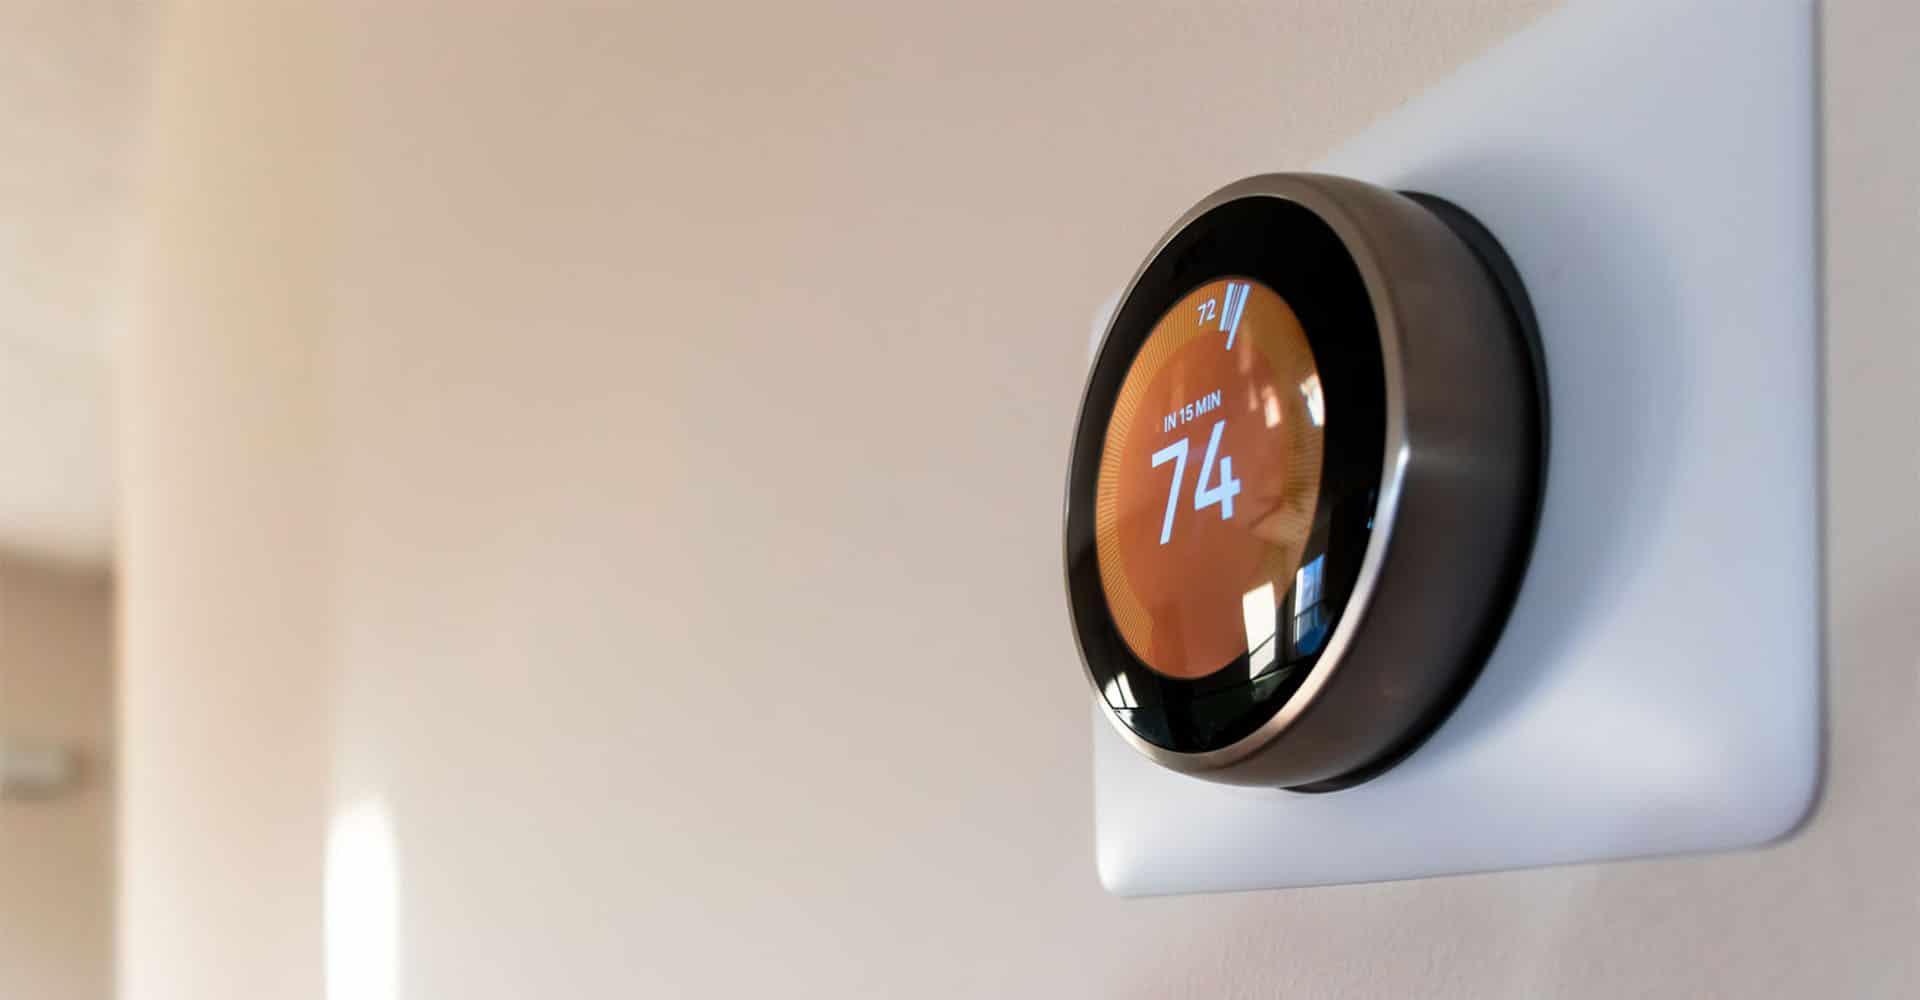 Smart Home System Gerät an Wand